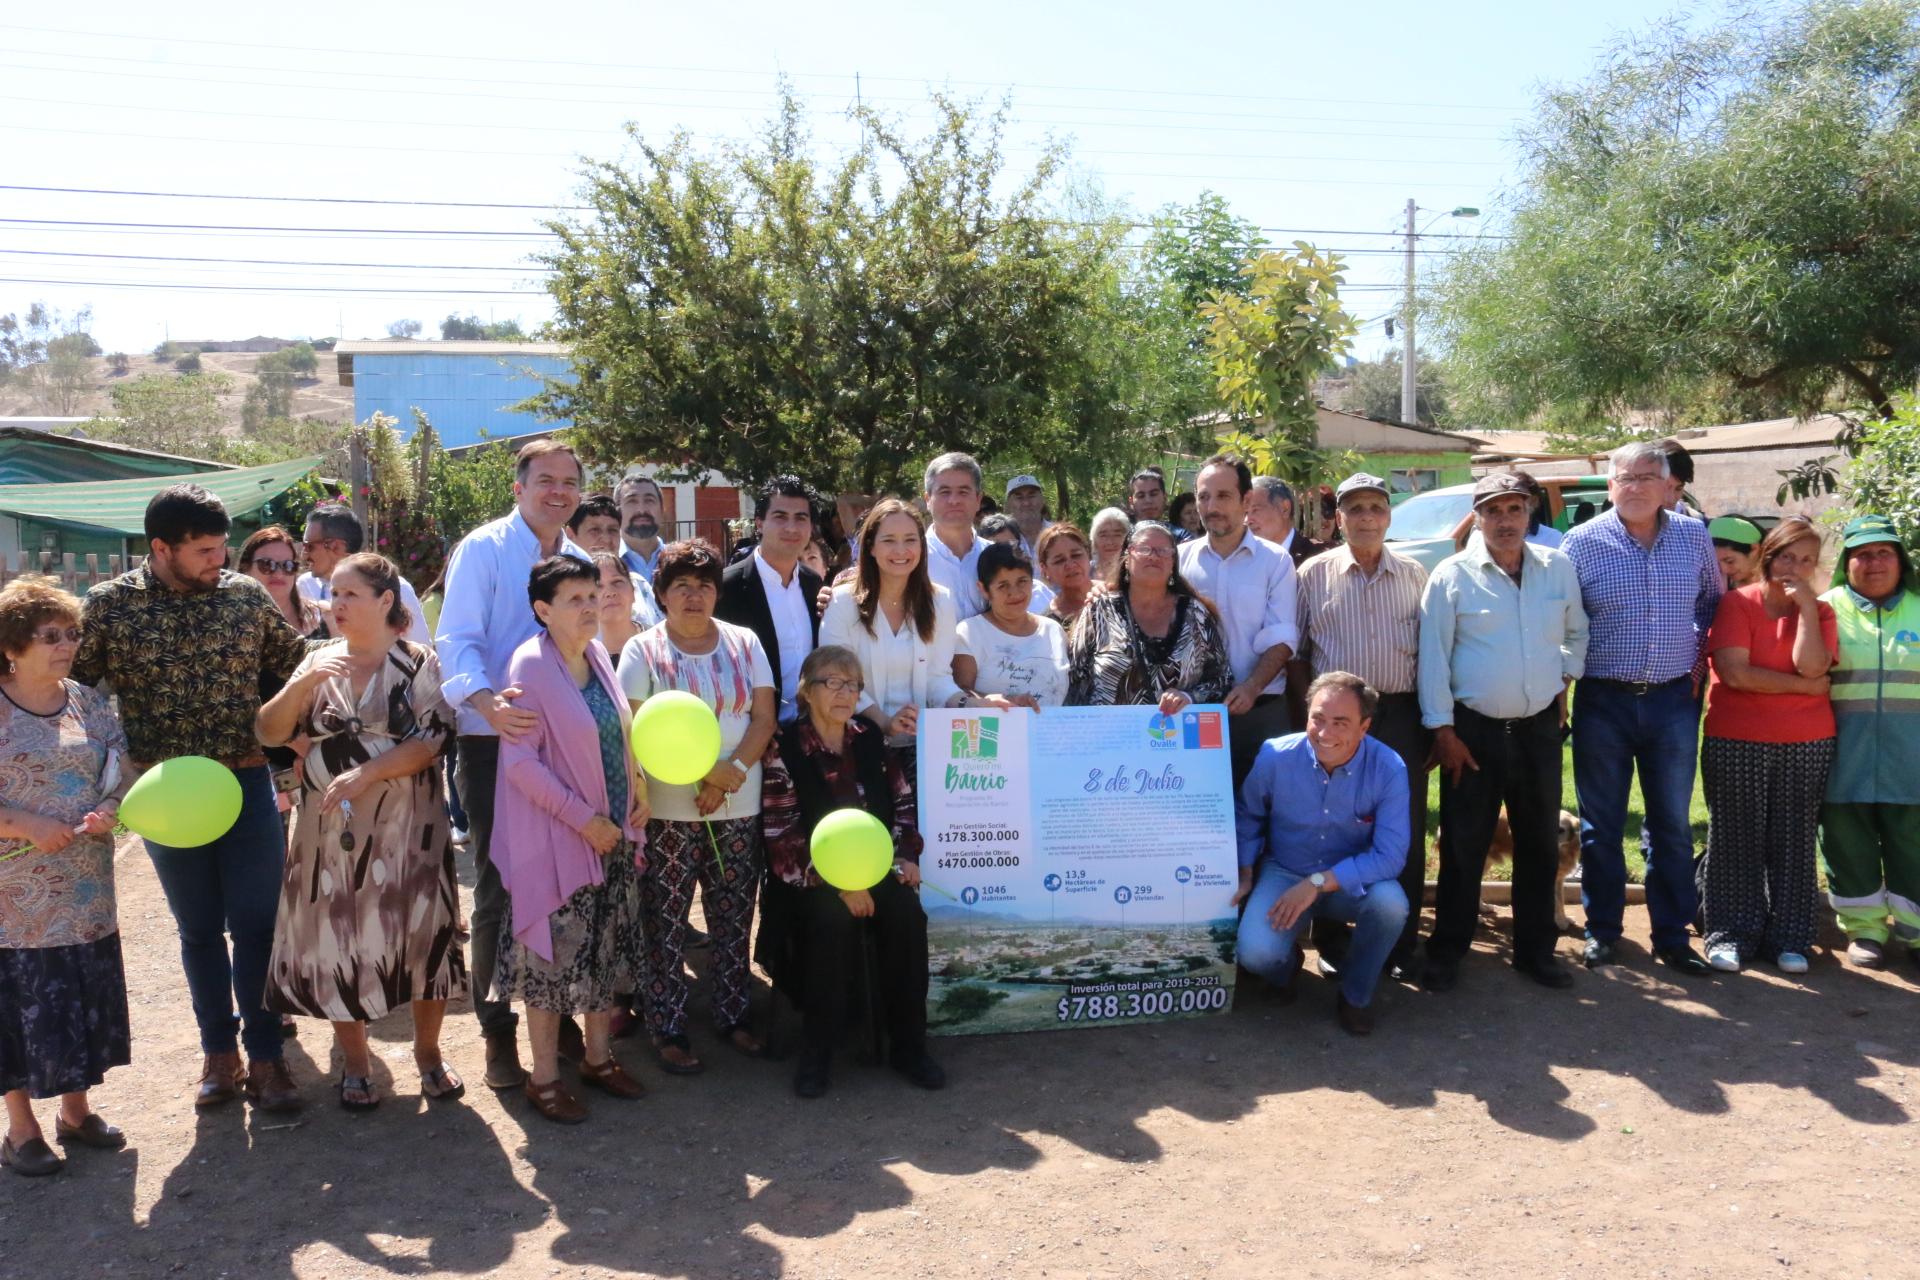 Población 8 de Julio es beneficiada con $788 millones para mejorar espacios públicos